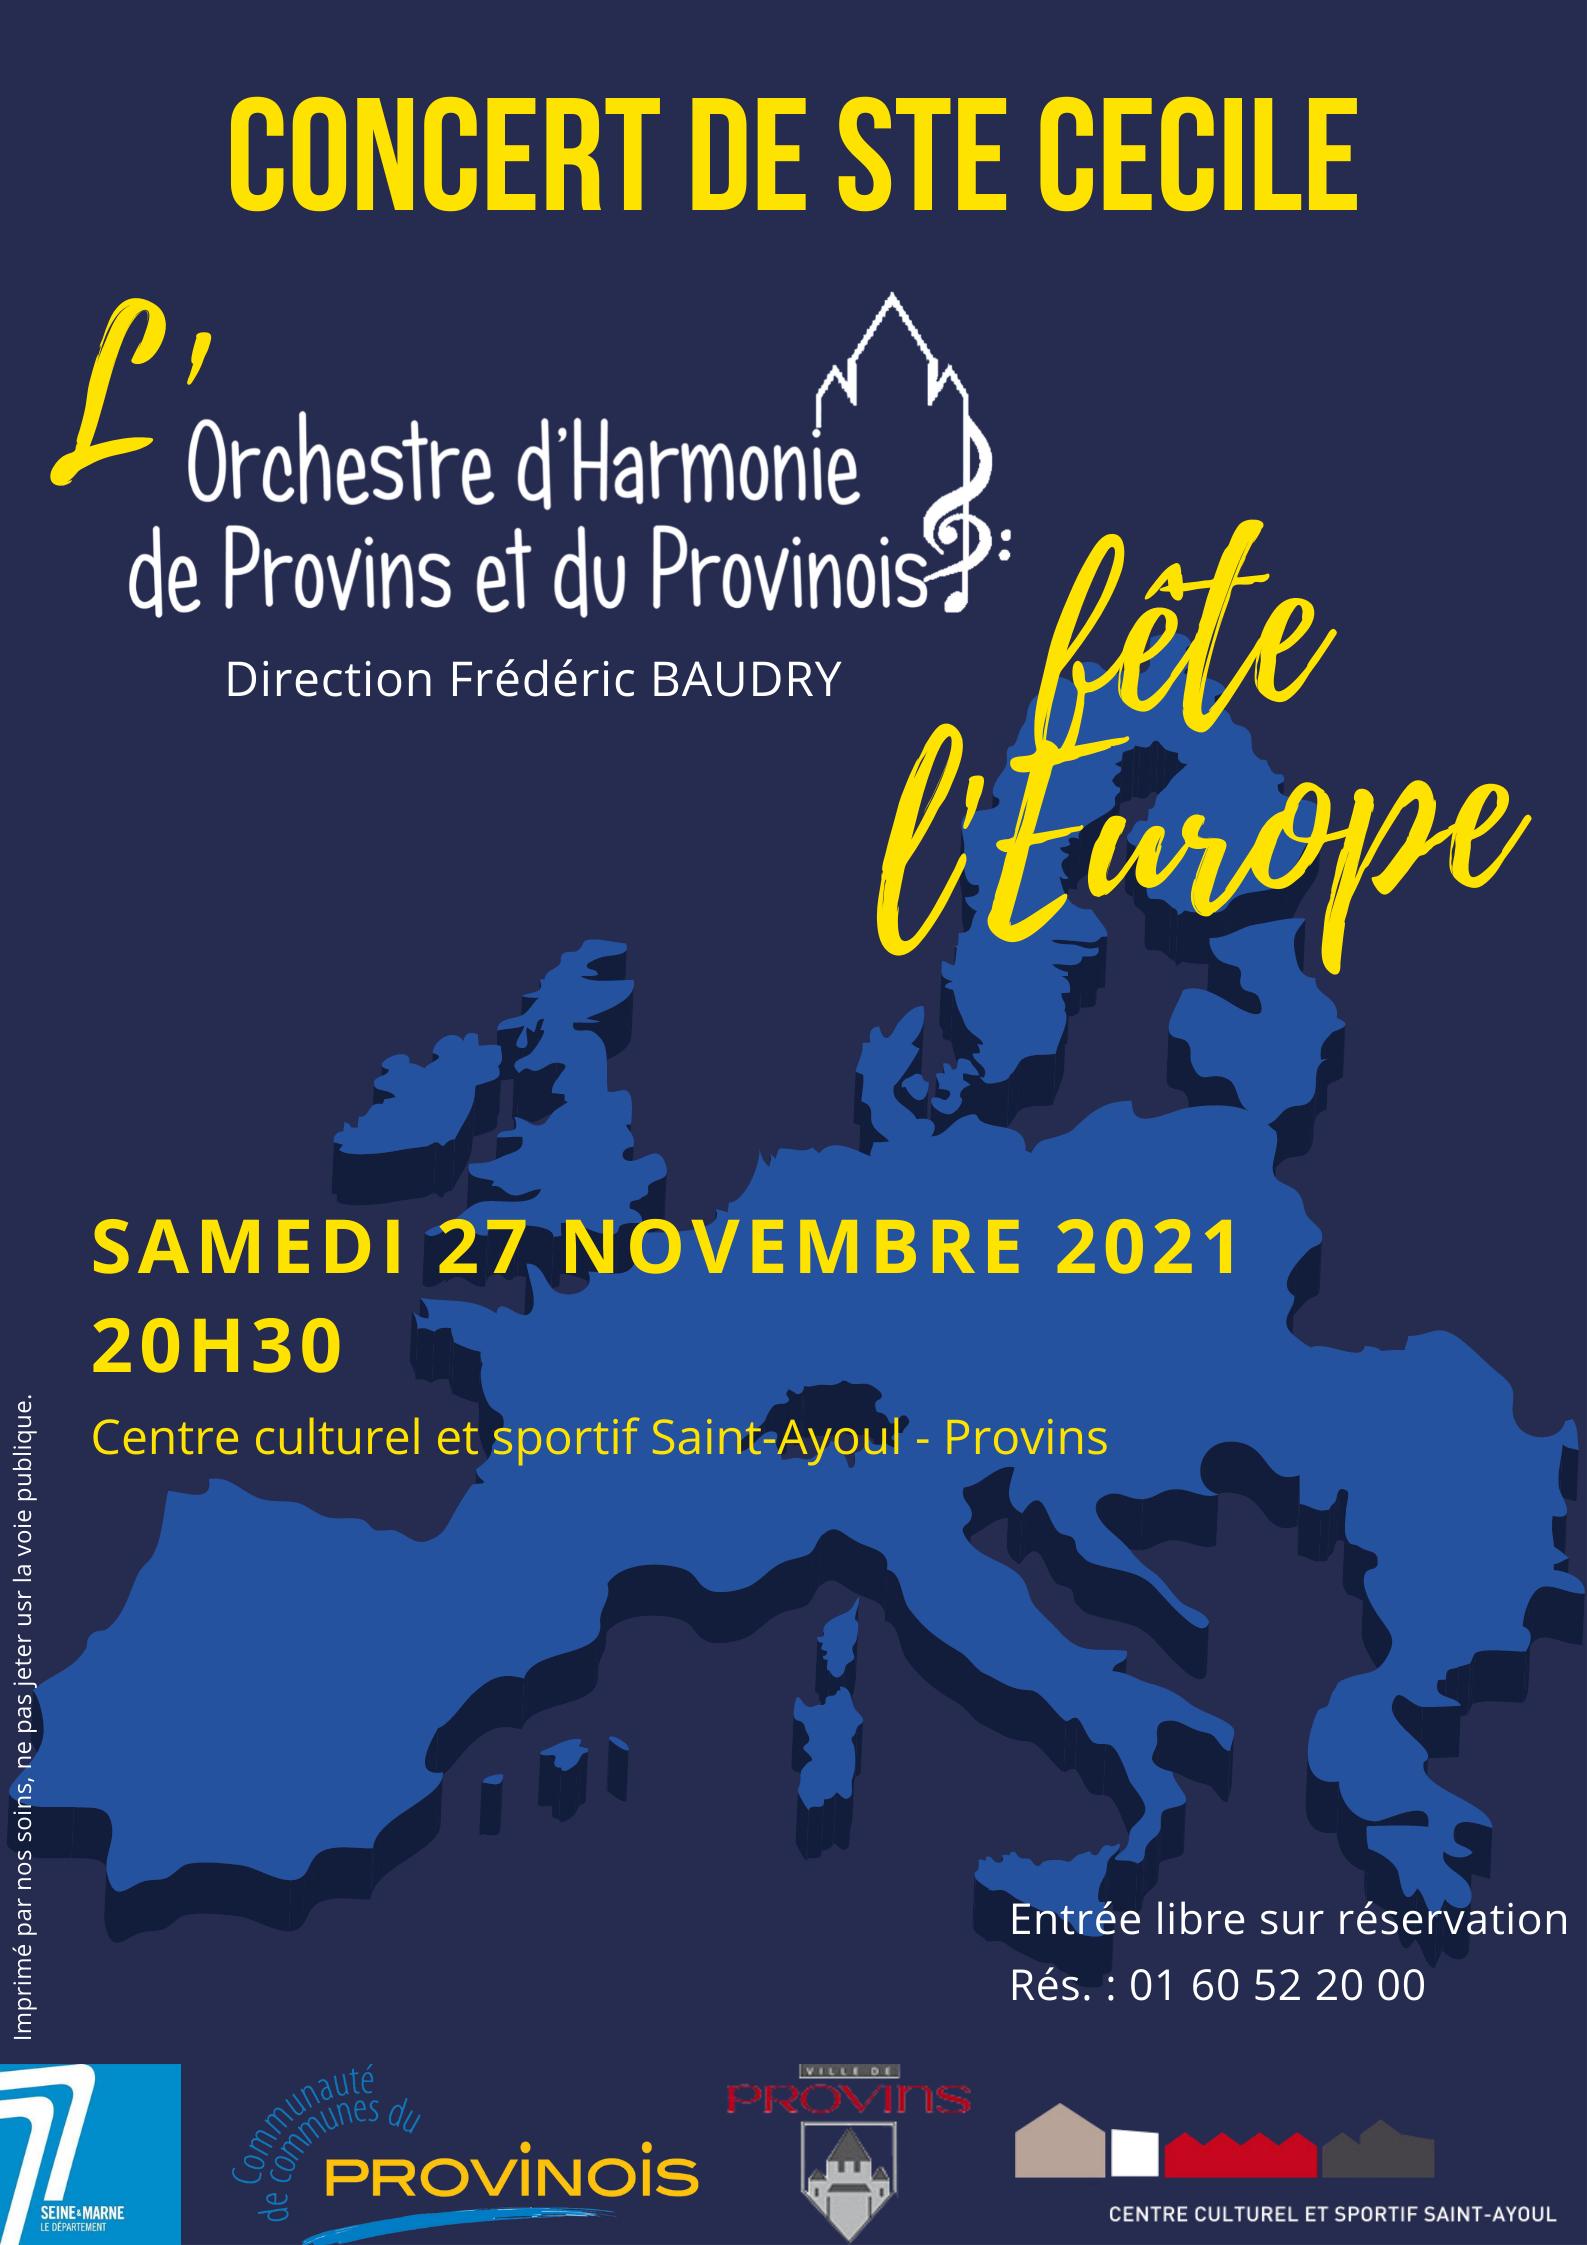 CONCERT DE LA SAINTE CECILE @ Centre Culturel et Sportif Saint-Ayoul